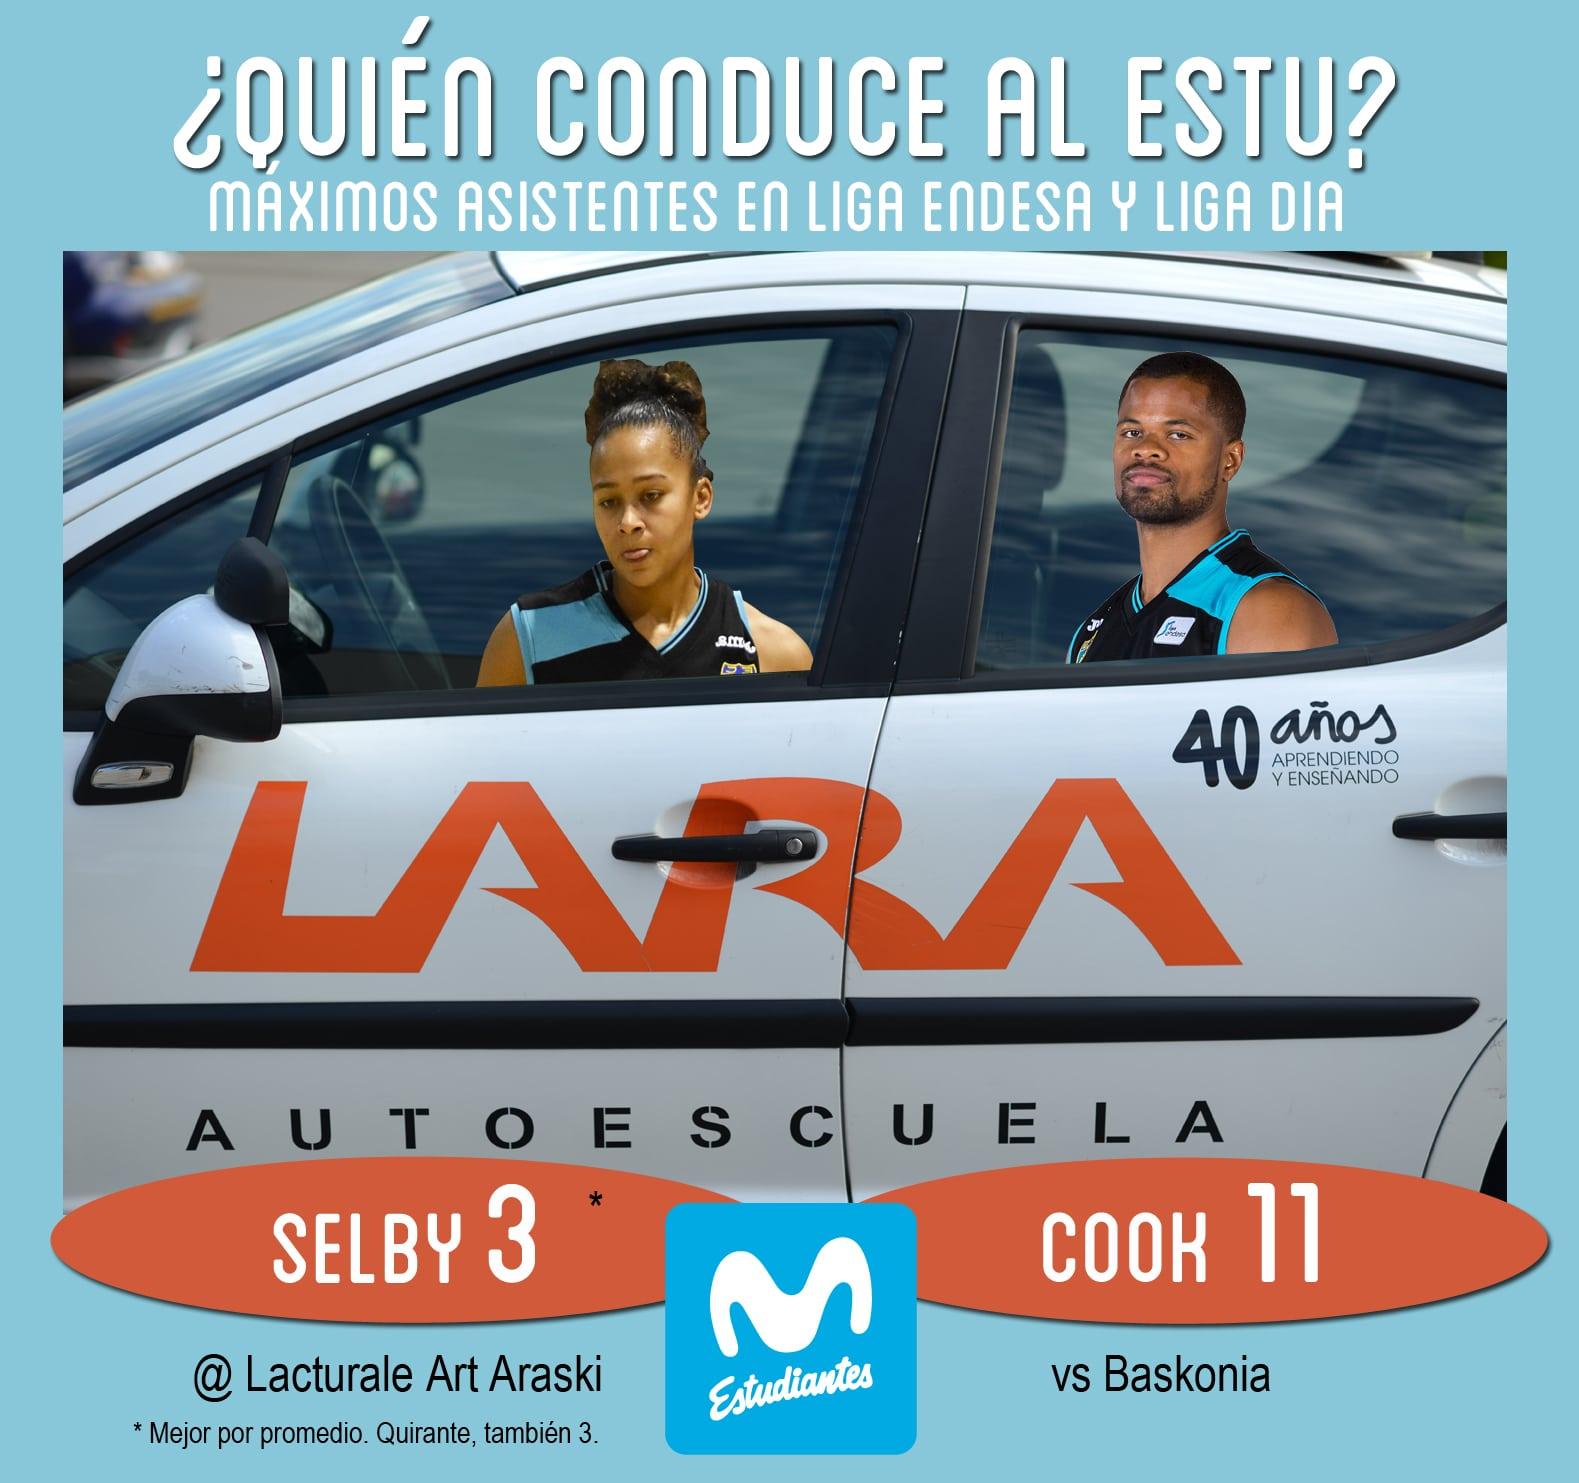 Conductores Autoescuela Lara: Selby y Cook